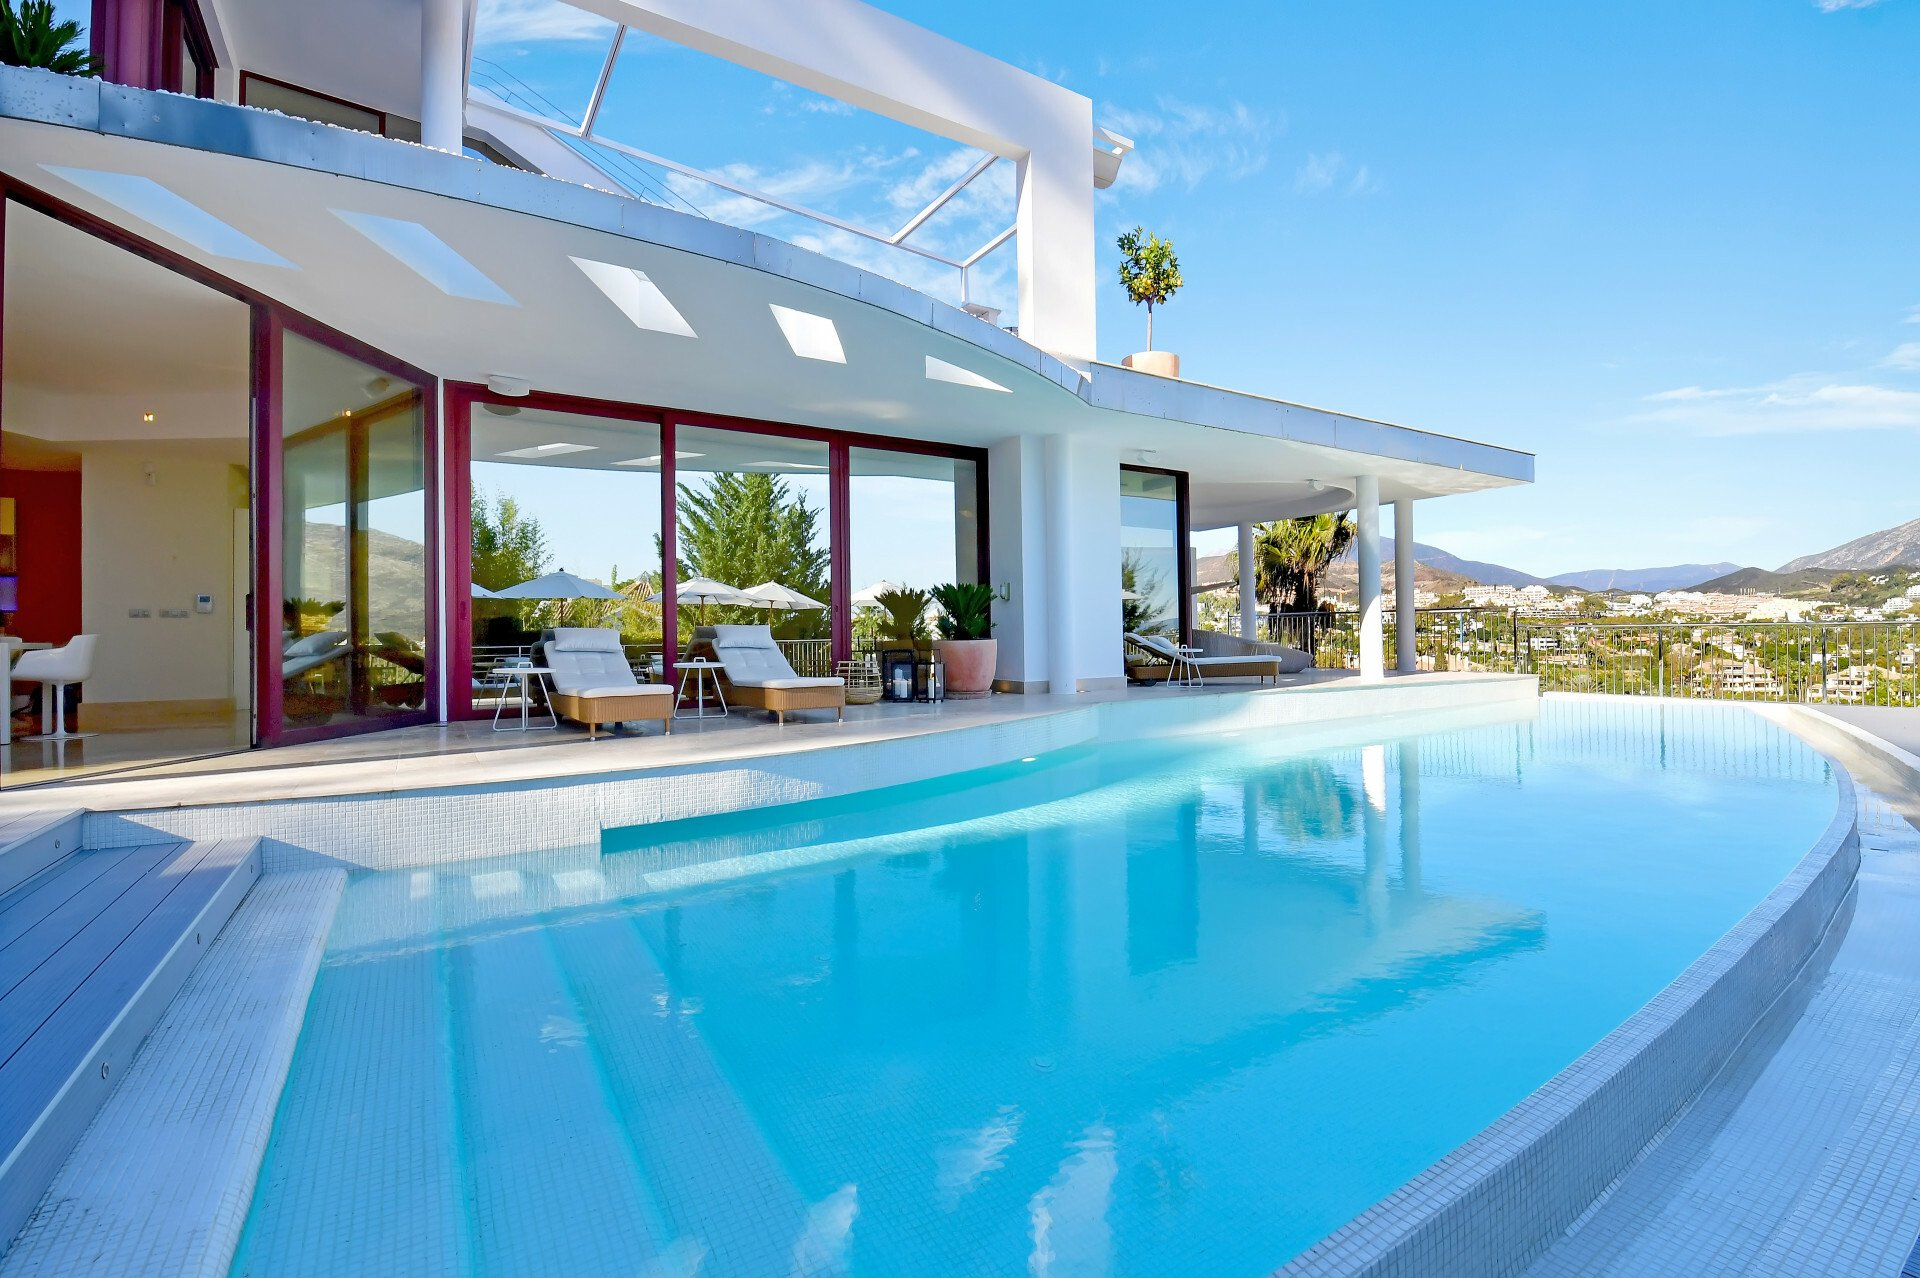 Villa in Marbella, Andalusia, Spain 1 - 11403237